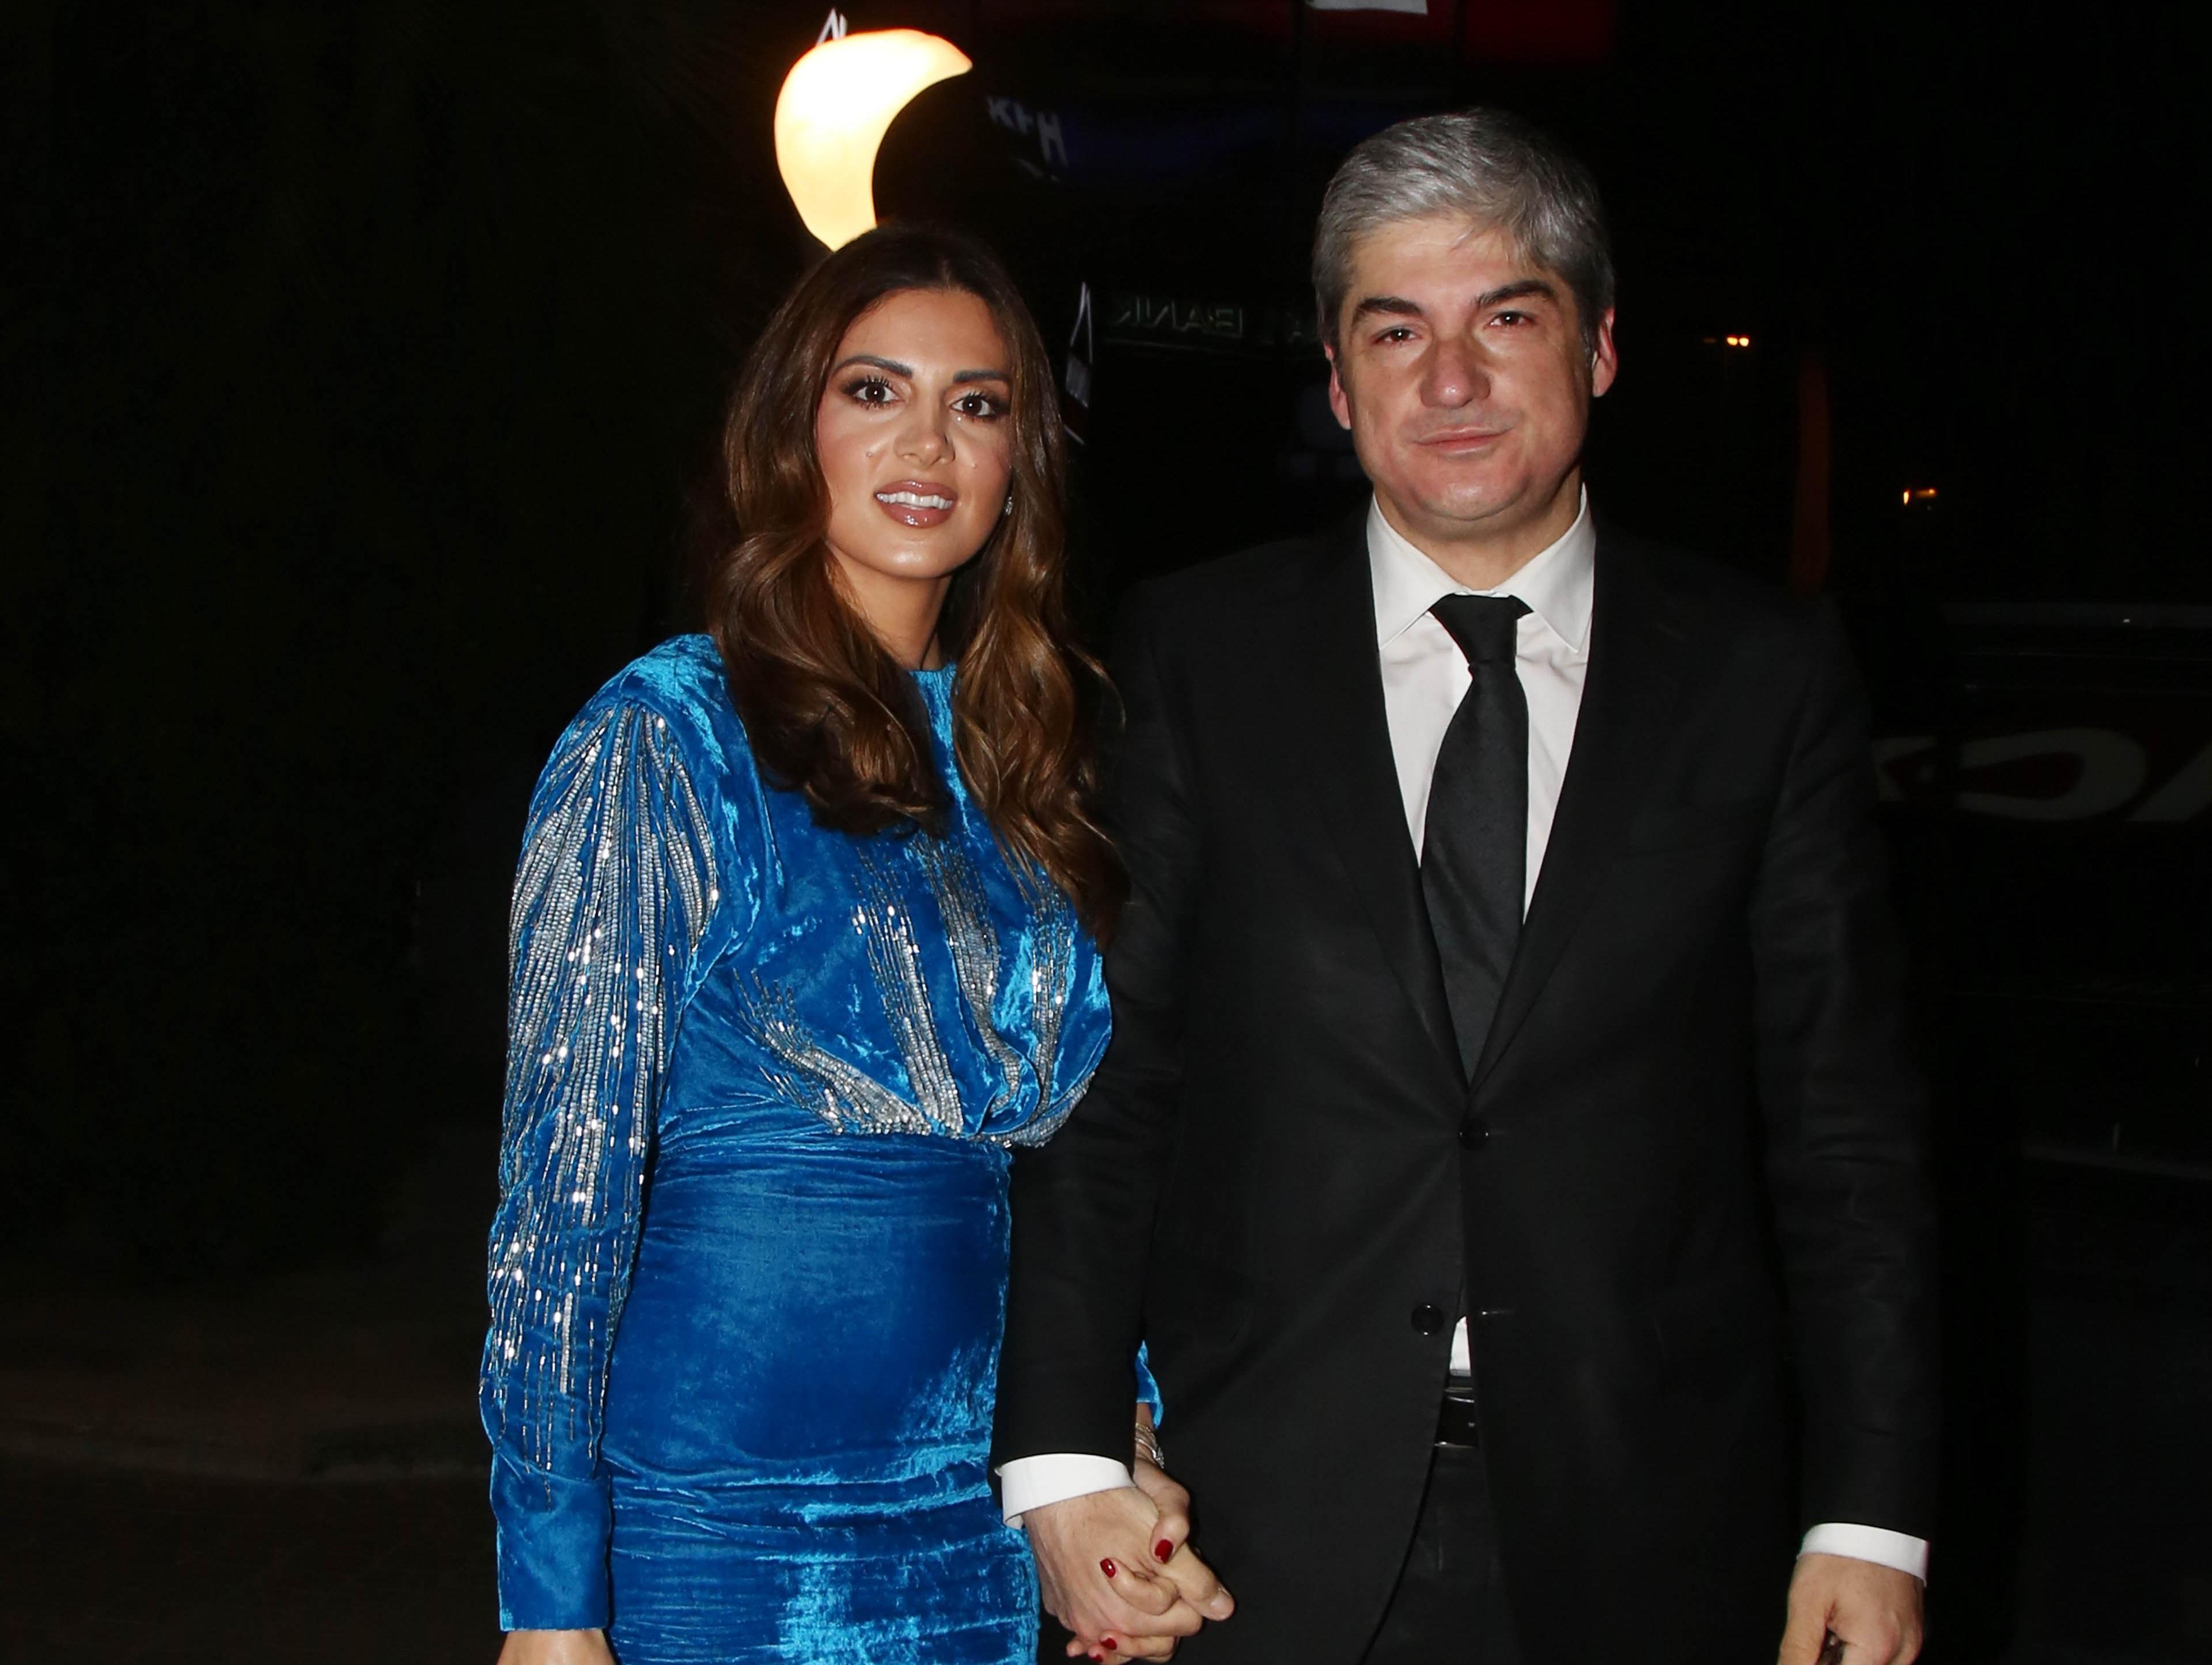 Σταματίνα Τσιμτσιλή: Πού έκανε αυτή τη λαμπερή εμφάνιση μαζί με τον σύζυγό της Θέμη Σοφό; [pics]   tlife.gr